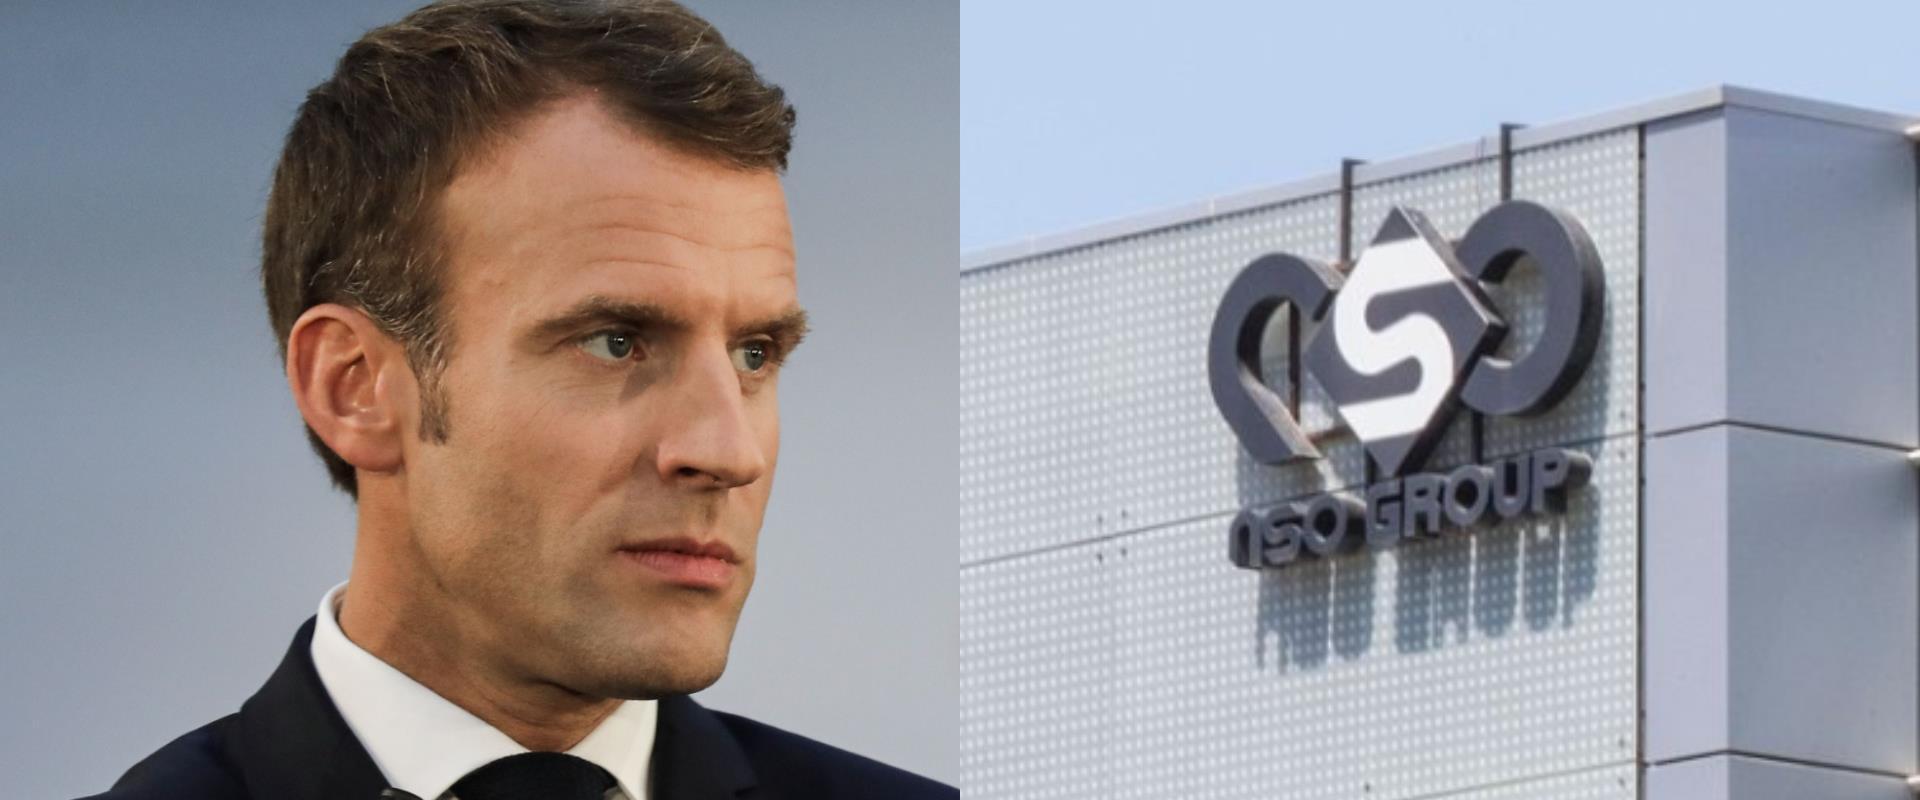 משרדי NSO, נשיא צרפת מקרון, ארכיון